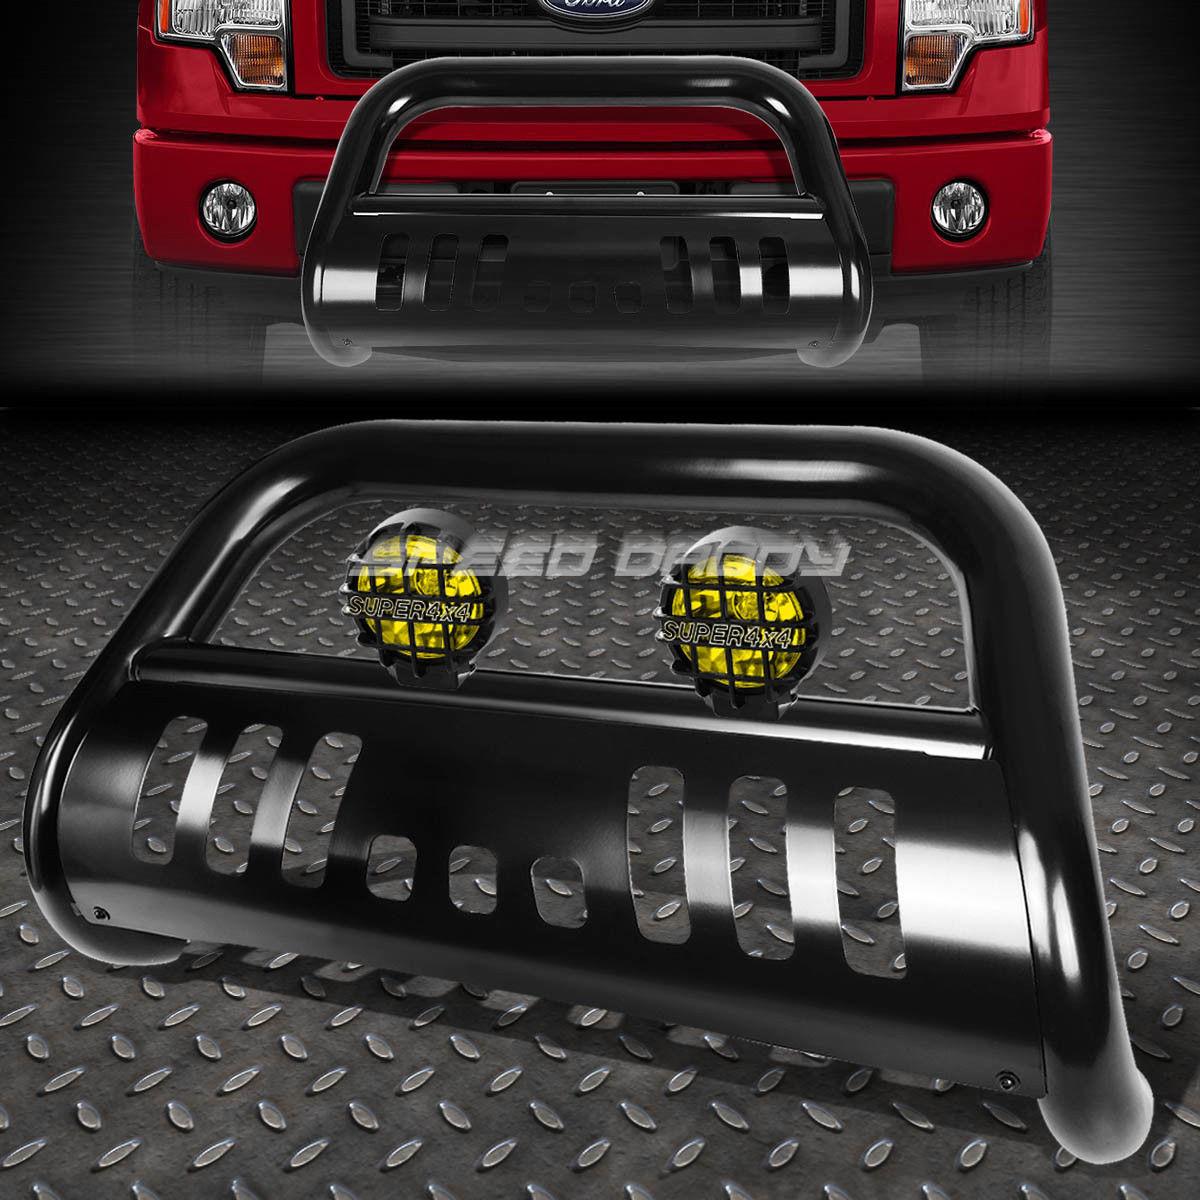 フォグライト BLACK BULL BAR GRILLE GUARD+YELLOW FOG LIGHT FOR 08-10 FORD F250-F550 SUPERDUTY BLACK BULLバーグリルガード+イエローフォグライト08-10フォードF250-F550 SUPERDUTY